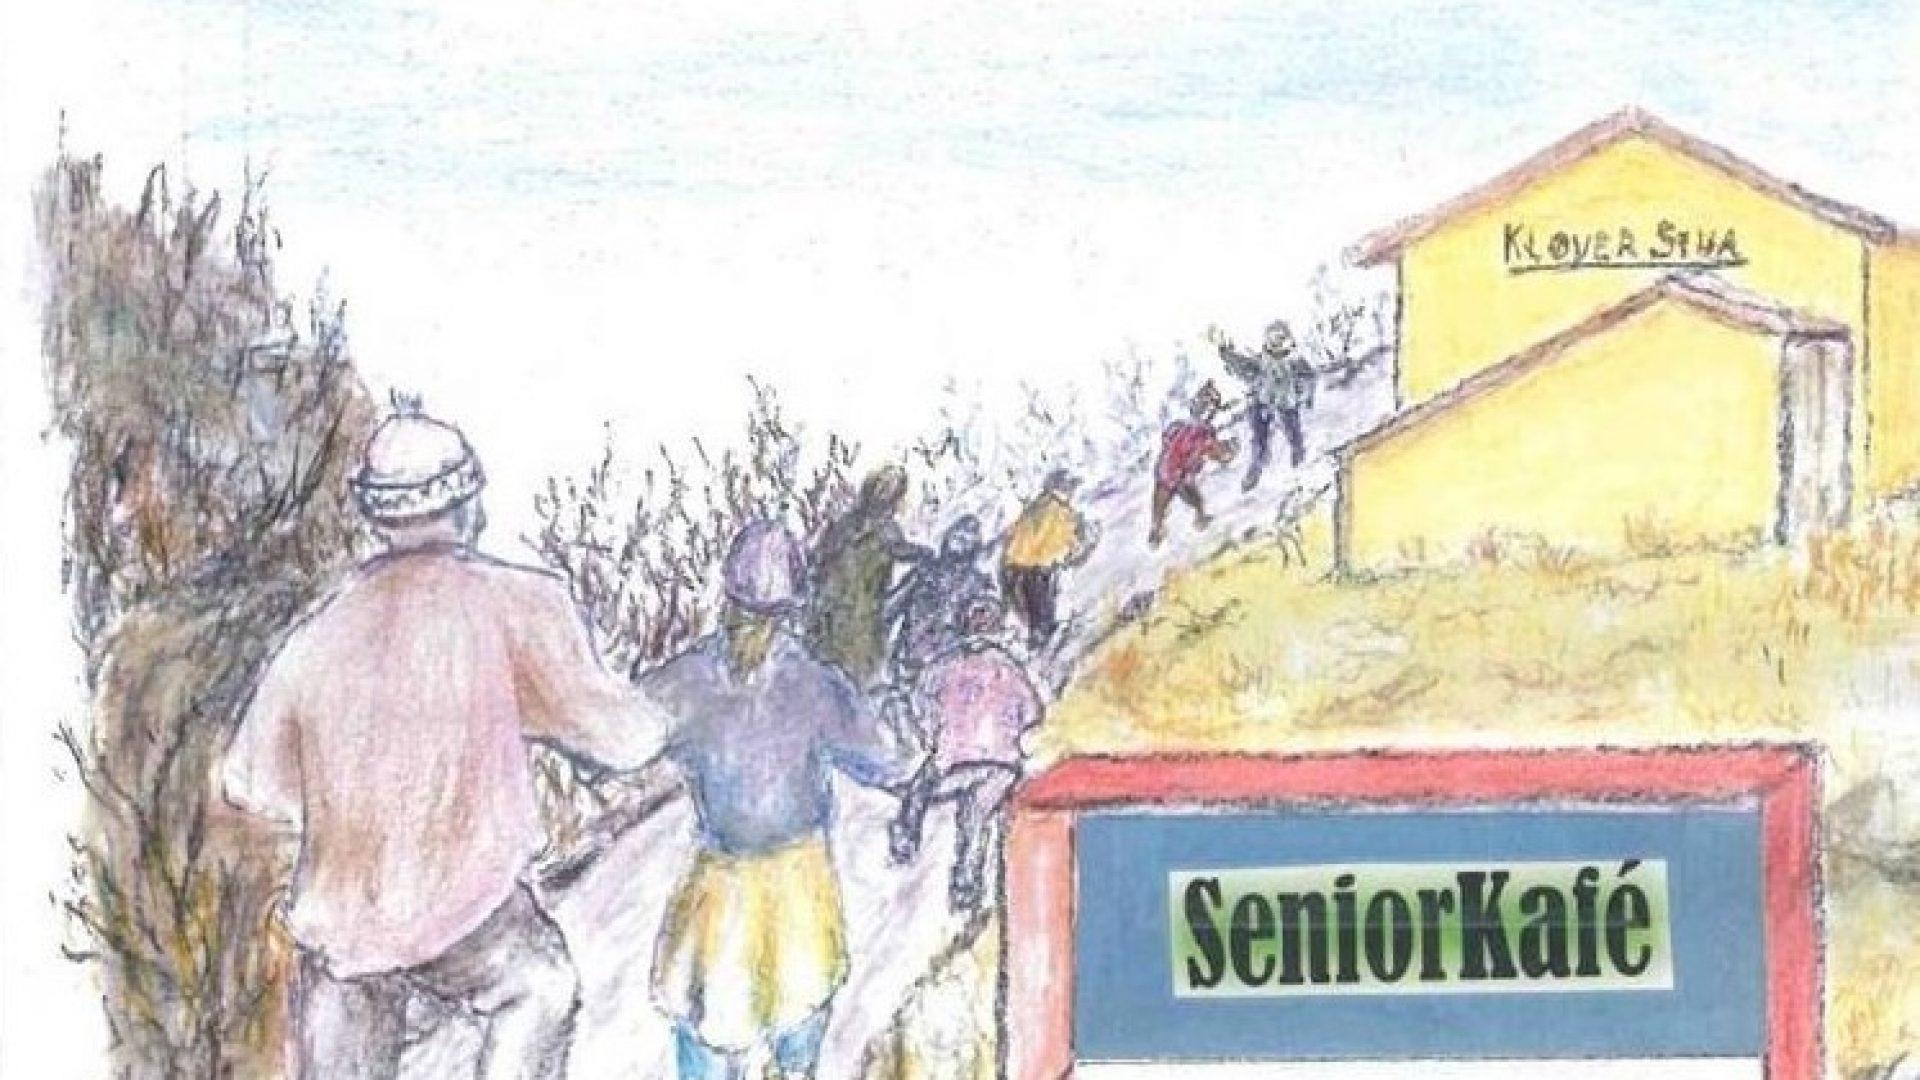 Seniorkafe